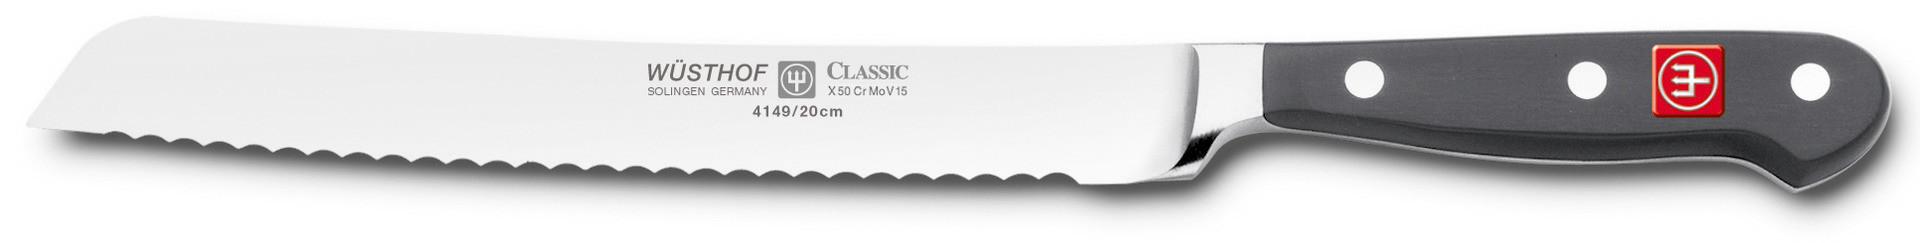 Classic, Brotmesser Klingenlänge 200 mm / 317 mm lang Wellenschliff